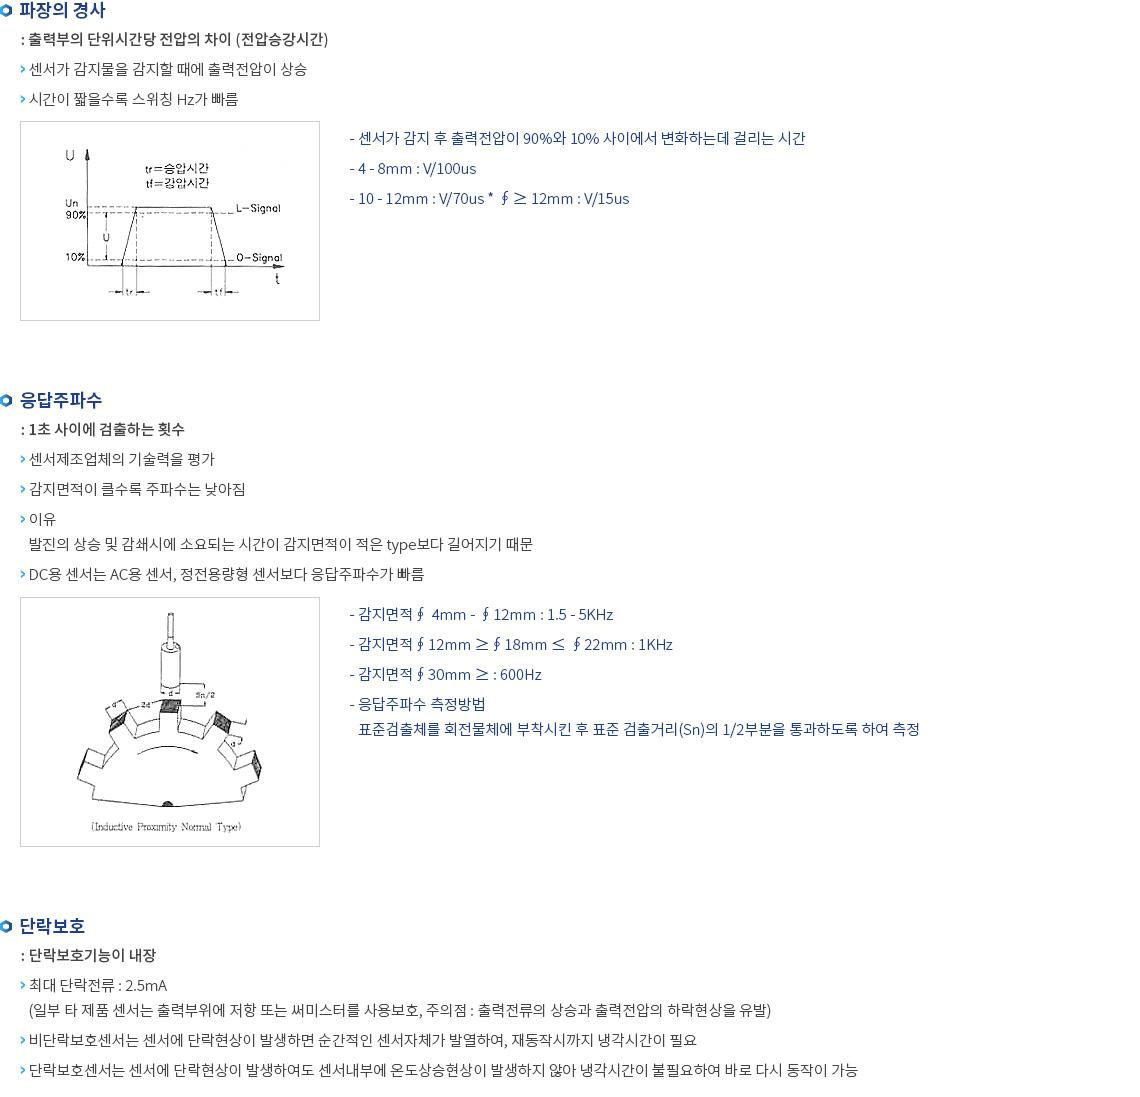 con_12.jpg